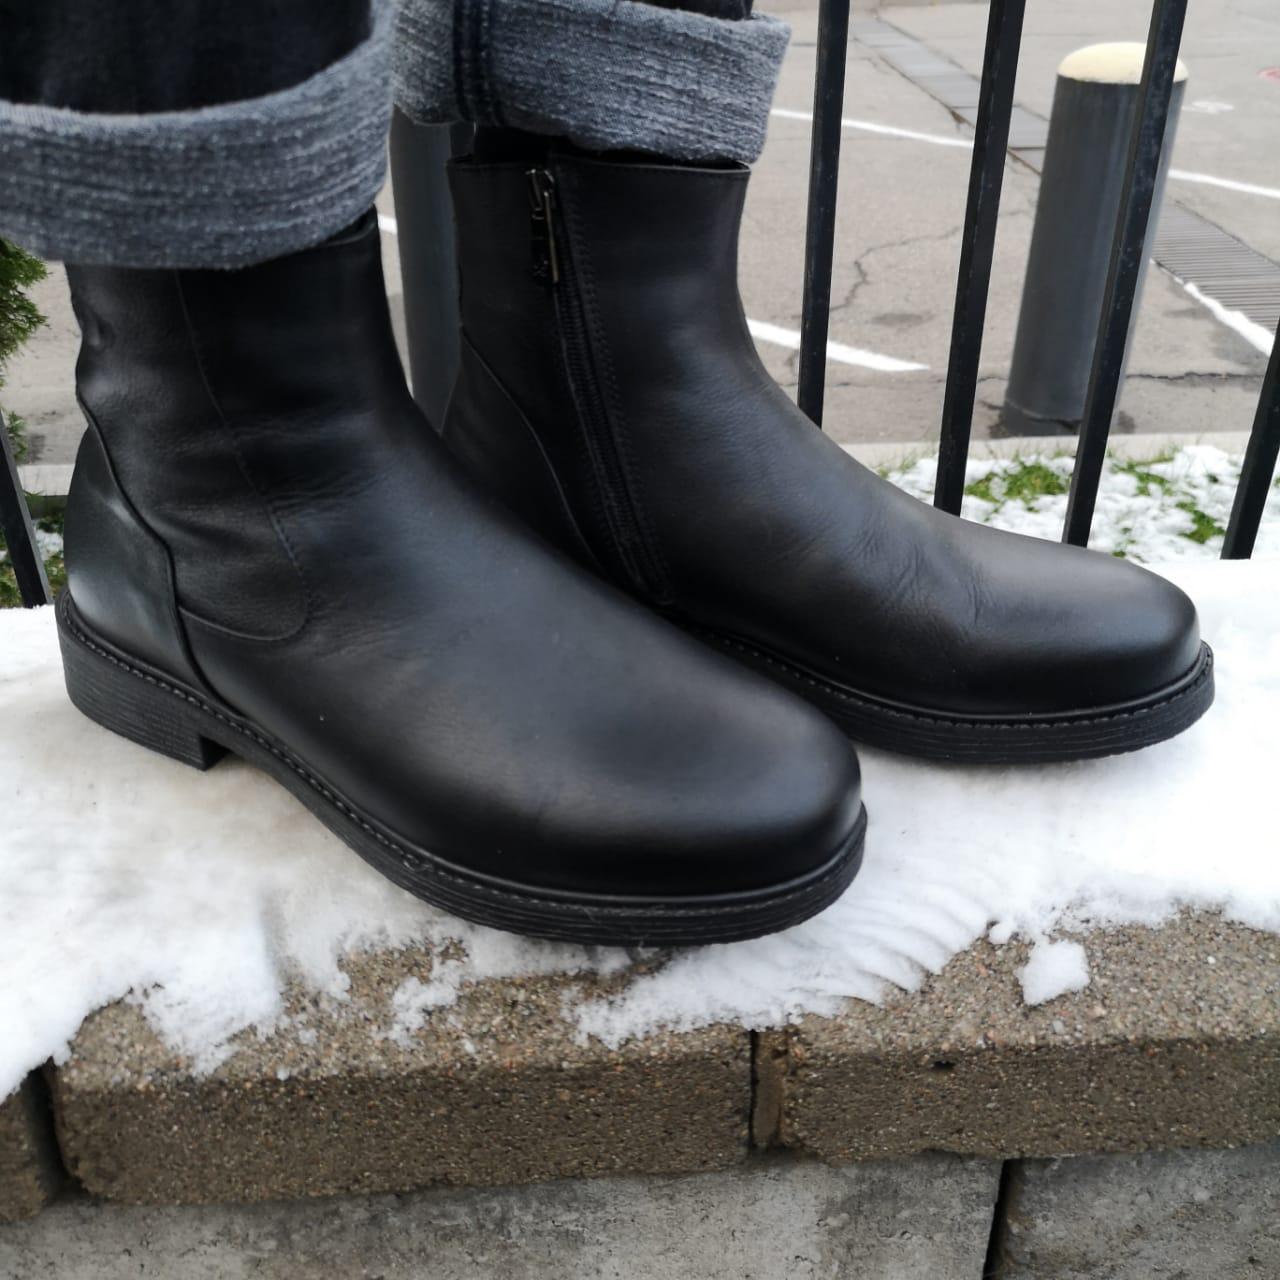 Зимние мужские сапоги - фото 5